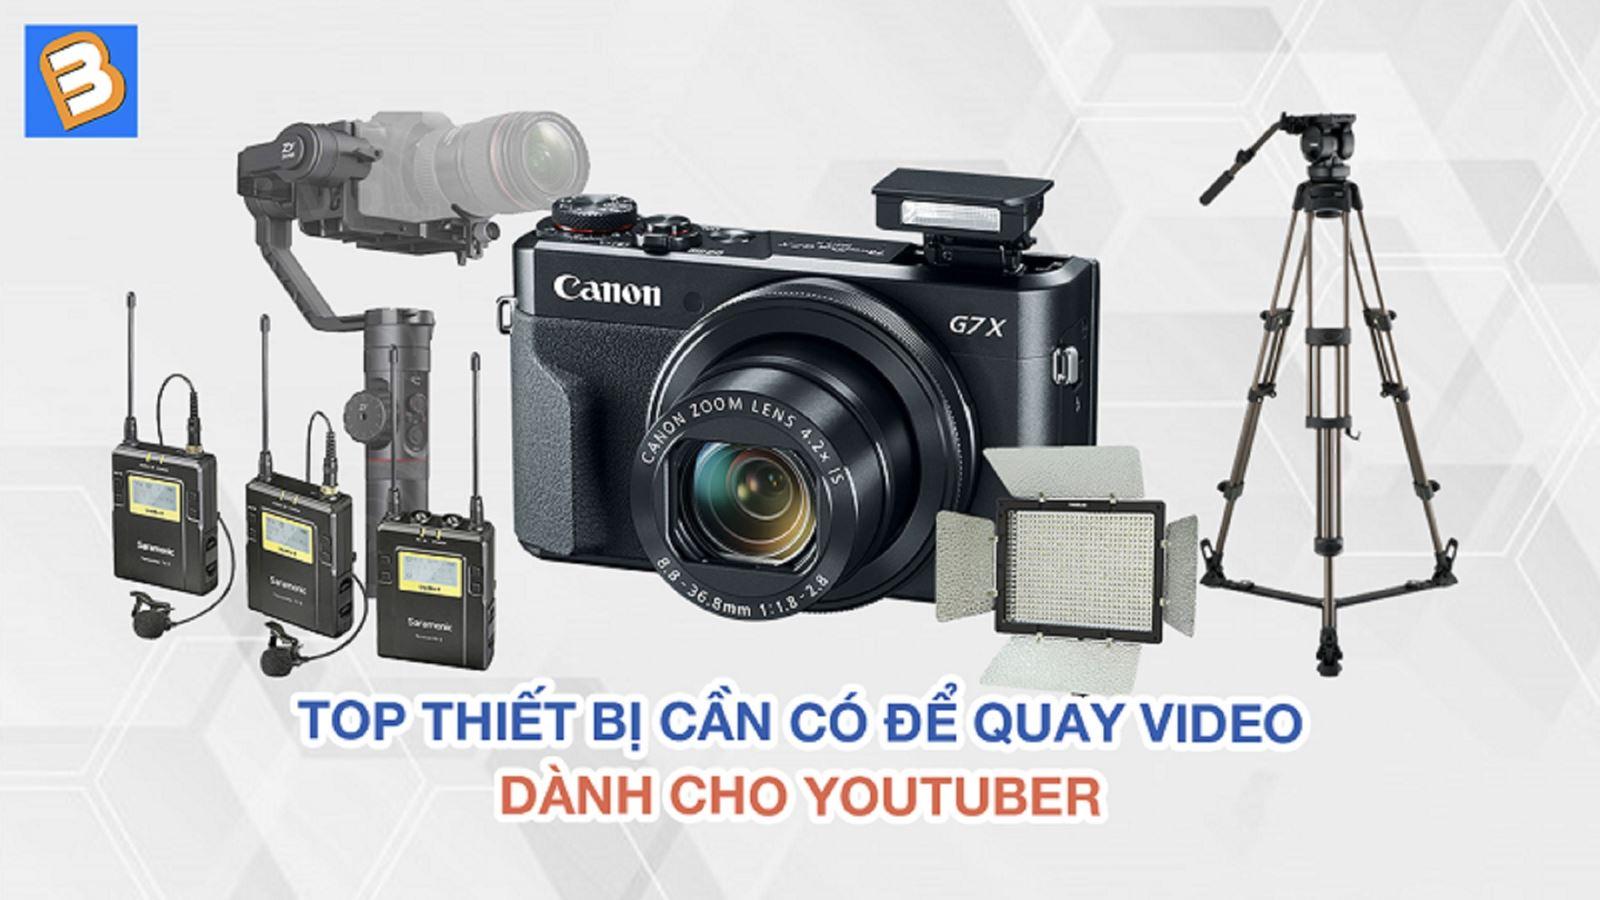 Top thiết bị cần có để quay video dành cho Youtuber